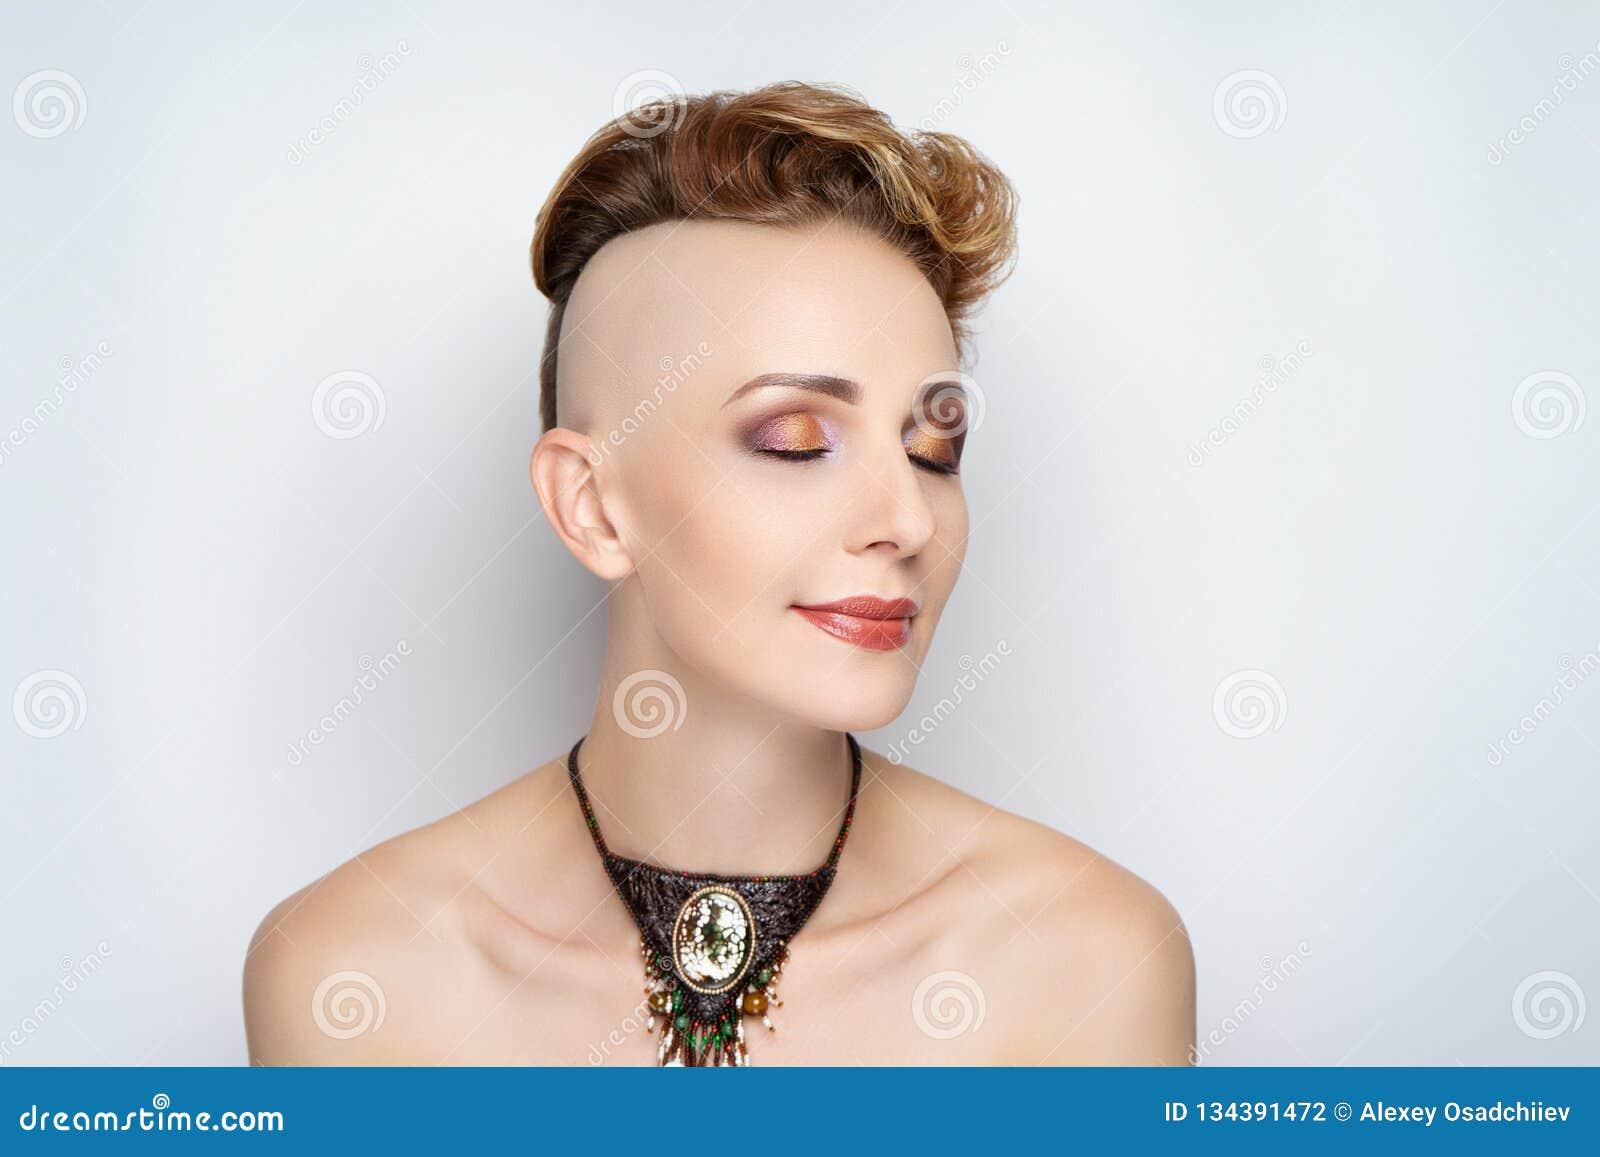 Menina com um corte de cabelo curto e um templo barbeado